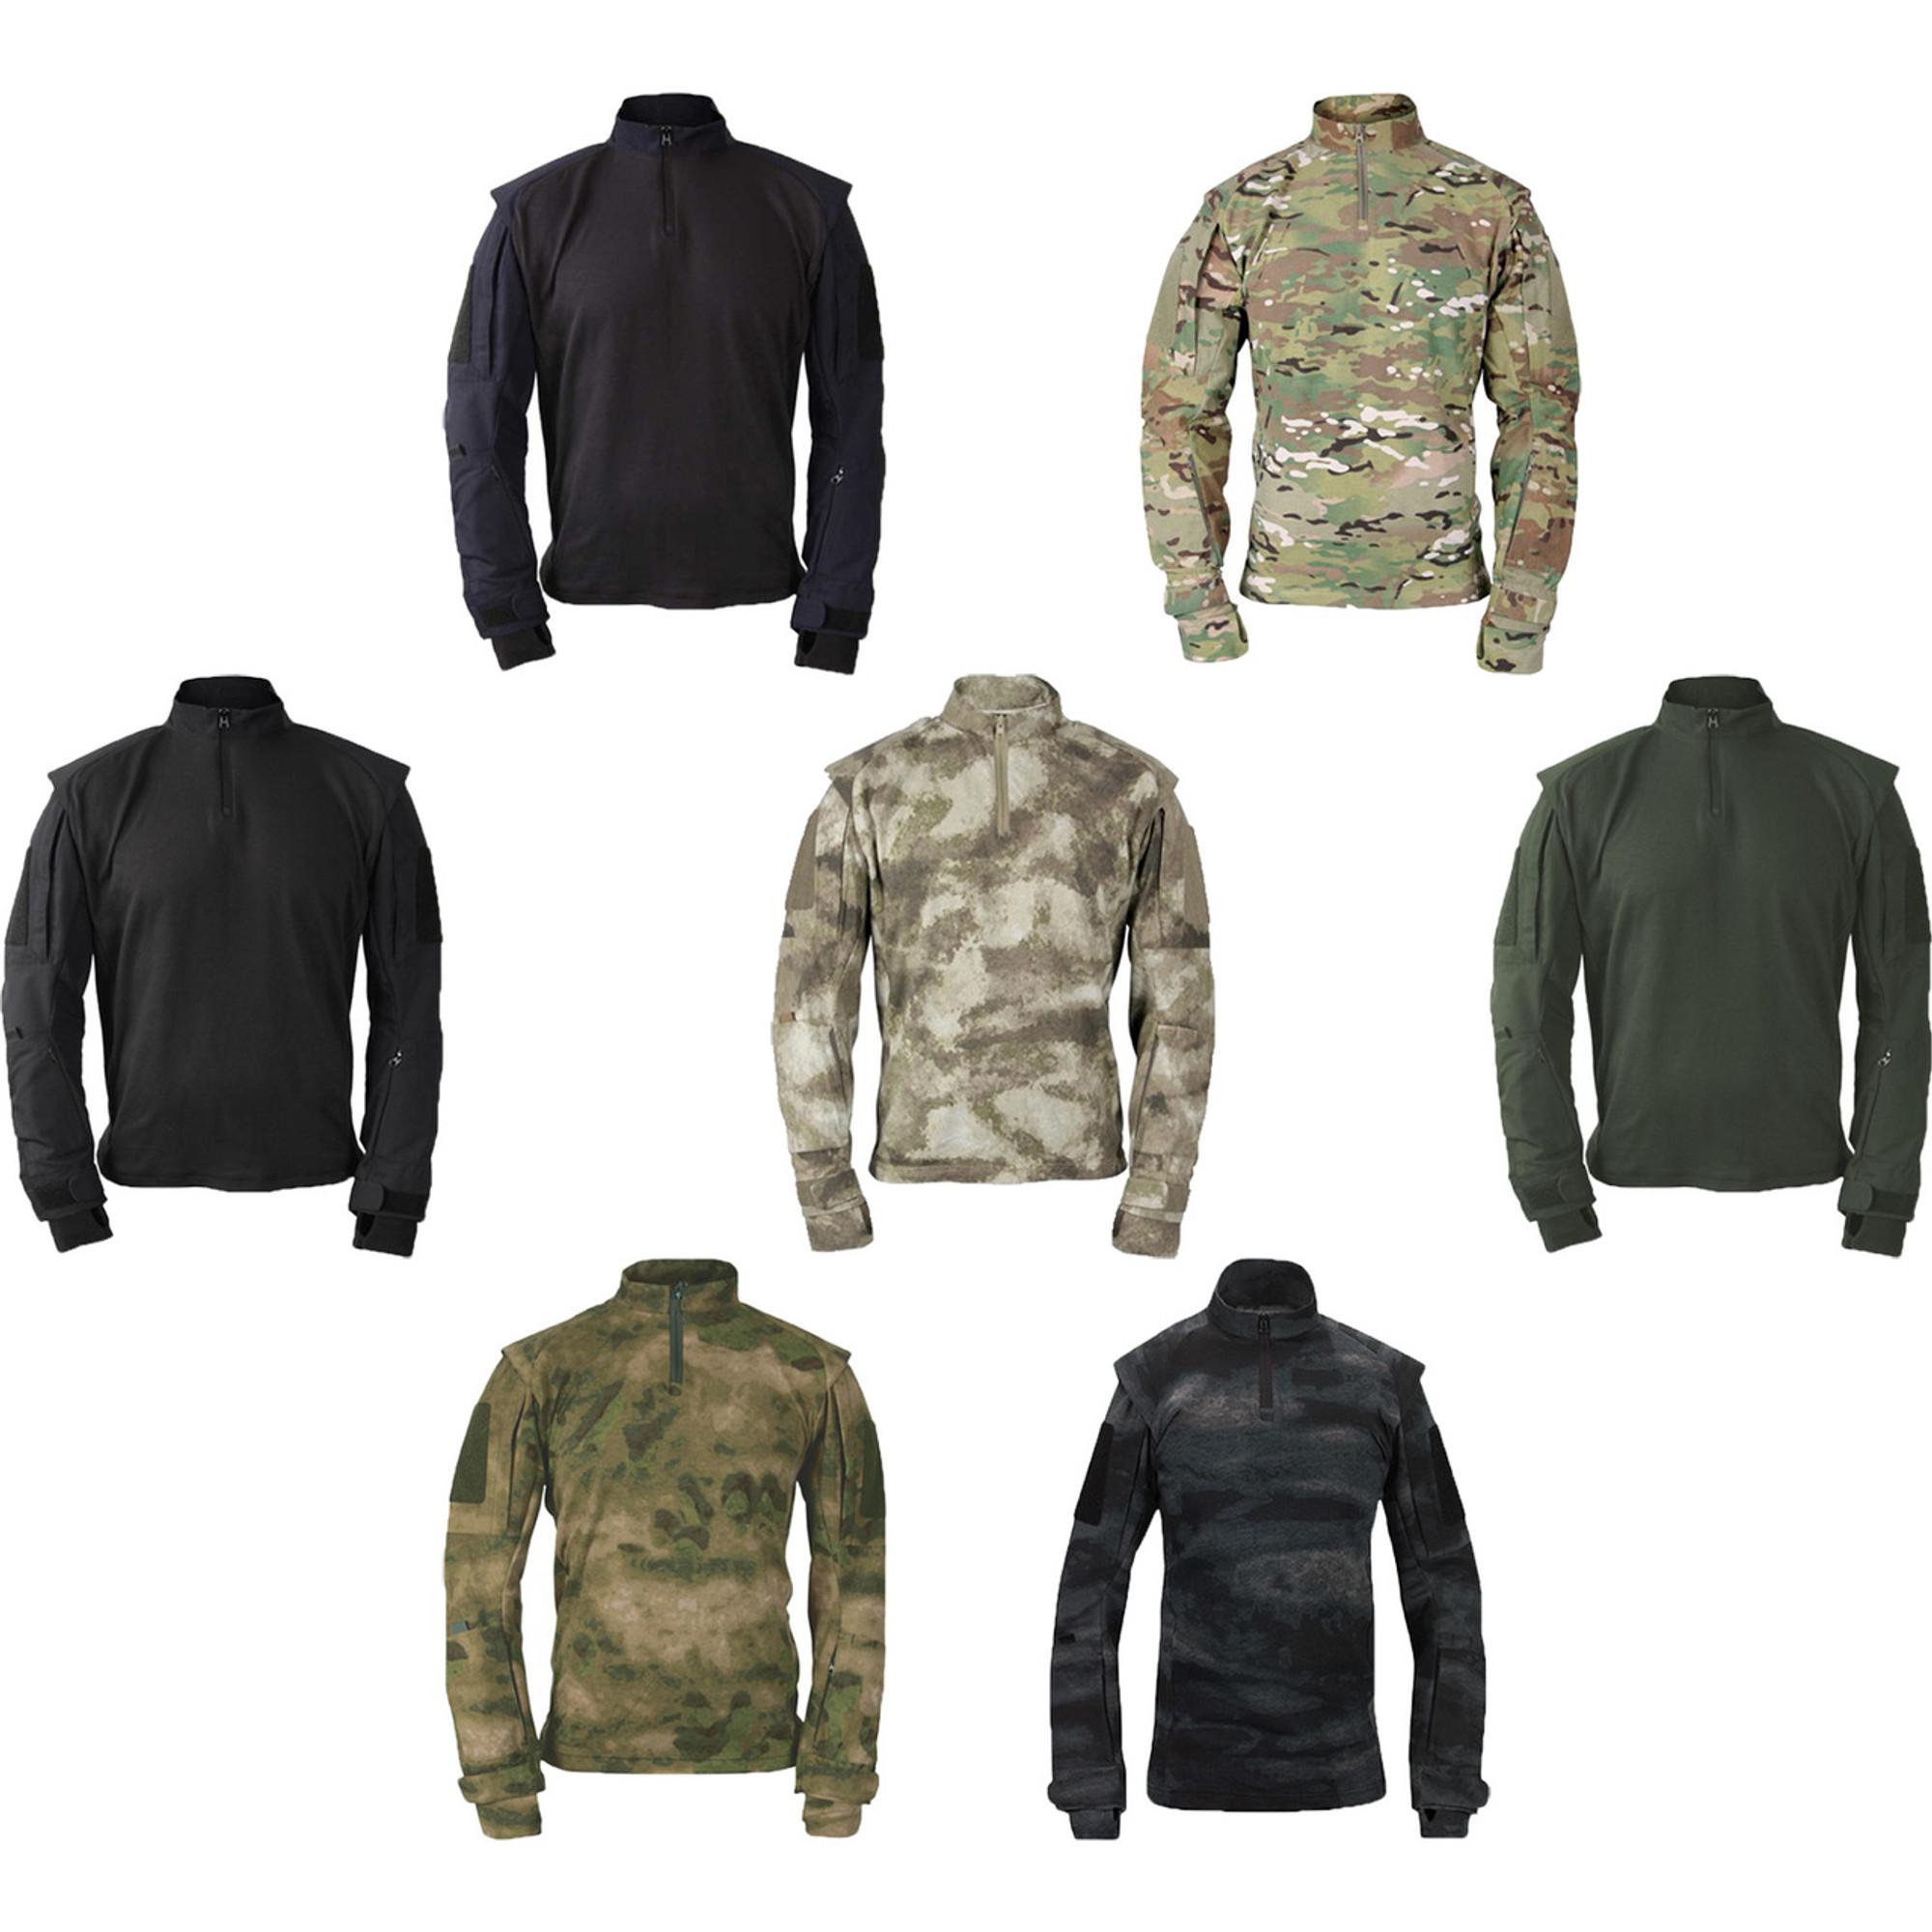 propper-tacu-combat-shirt -a-tacs-fg-camo-f541738381 2all  43838.1543903803.jpg c 2 b4c58437df3